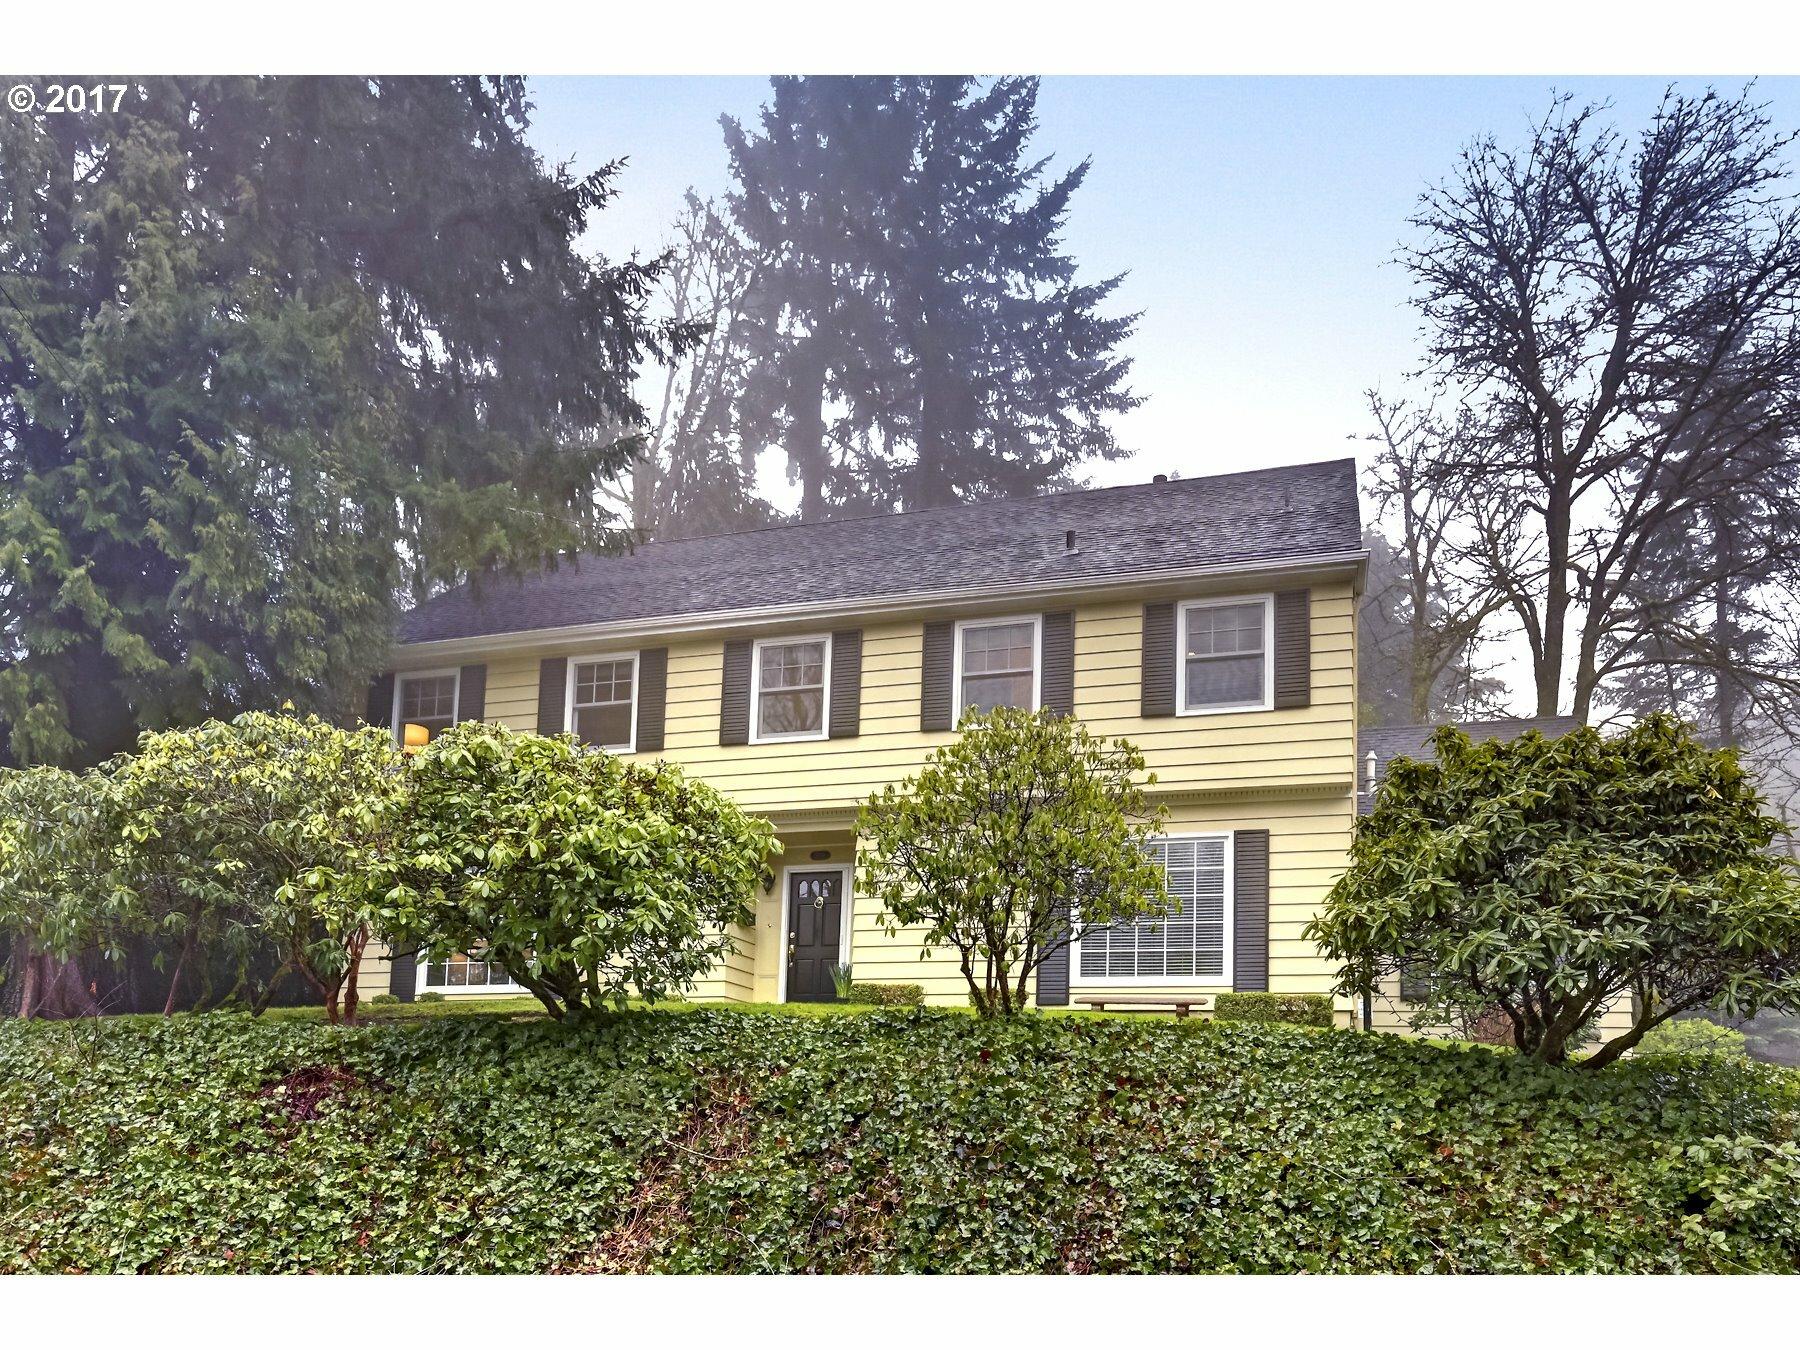 2639 Sw Sherwood Dr, Portland, OR - USA (photo 2)